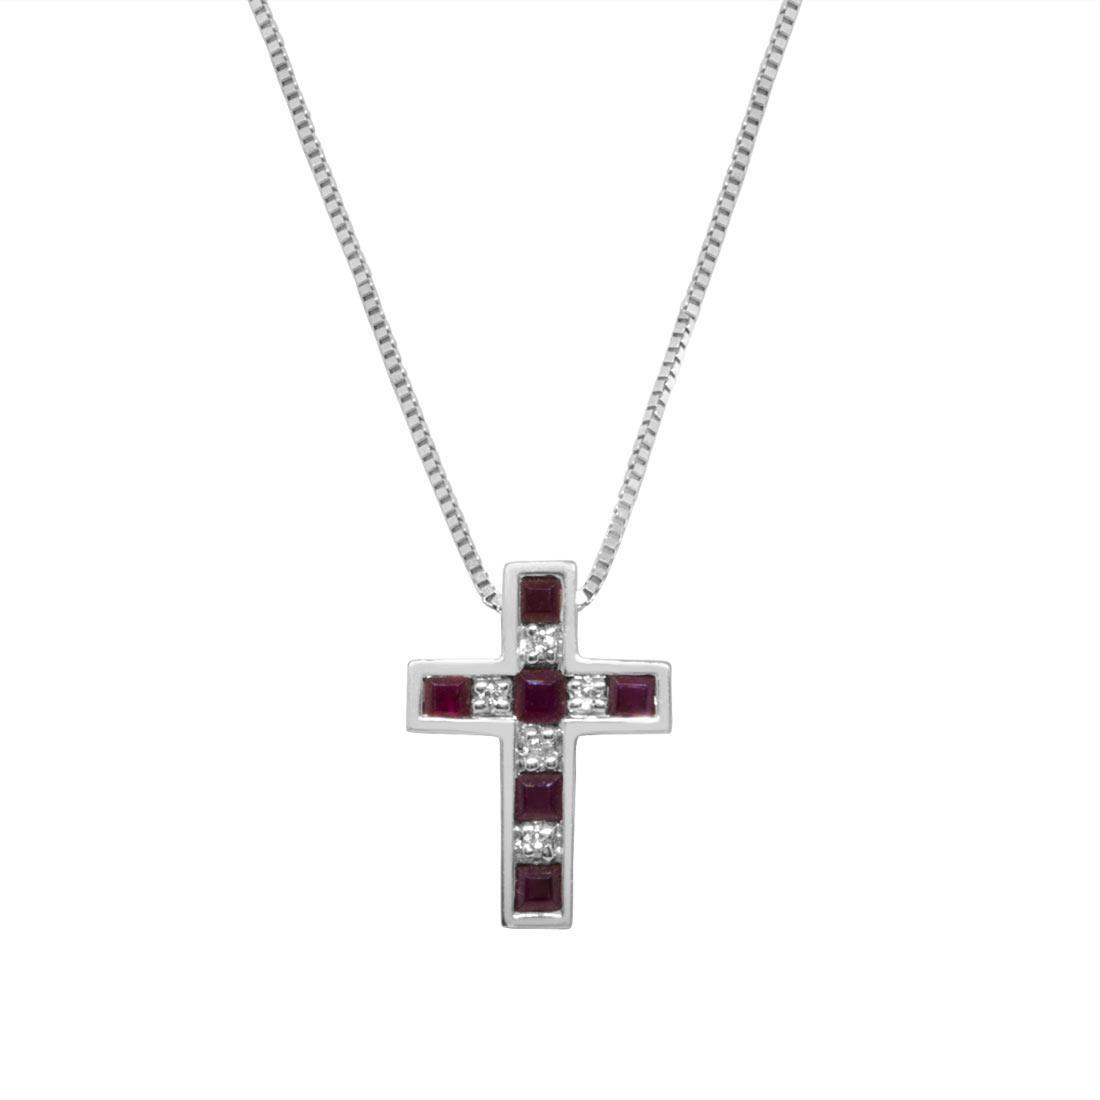 Collana  in oro bianco pendente croce con diamanti ct 0.07  e rubini ct 0.49 - BLISS